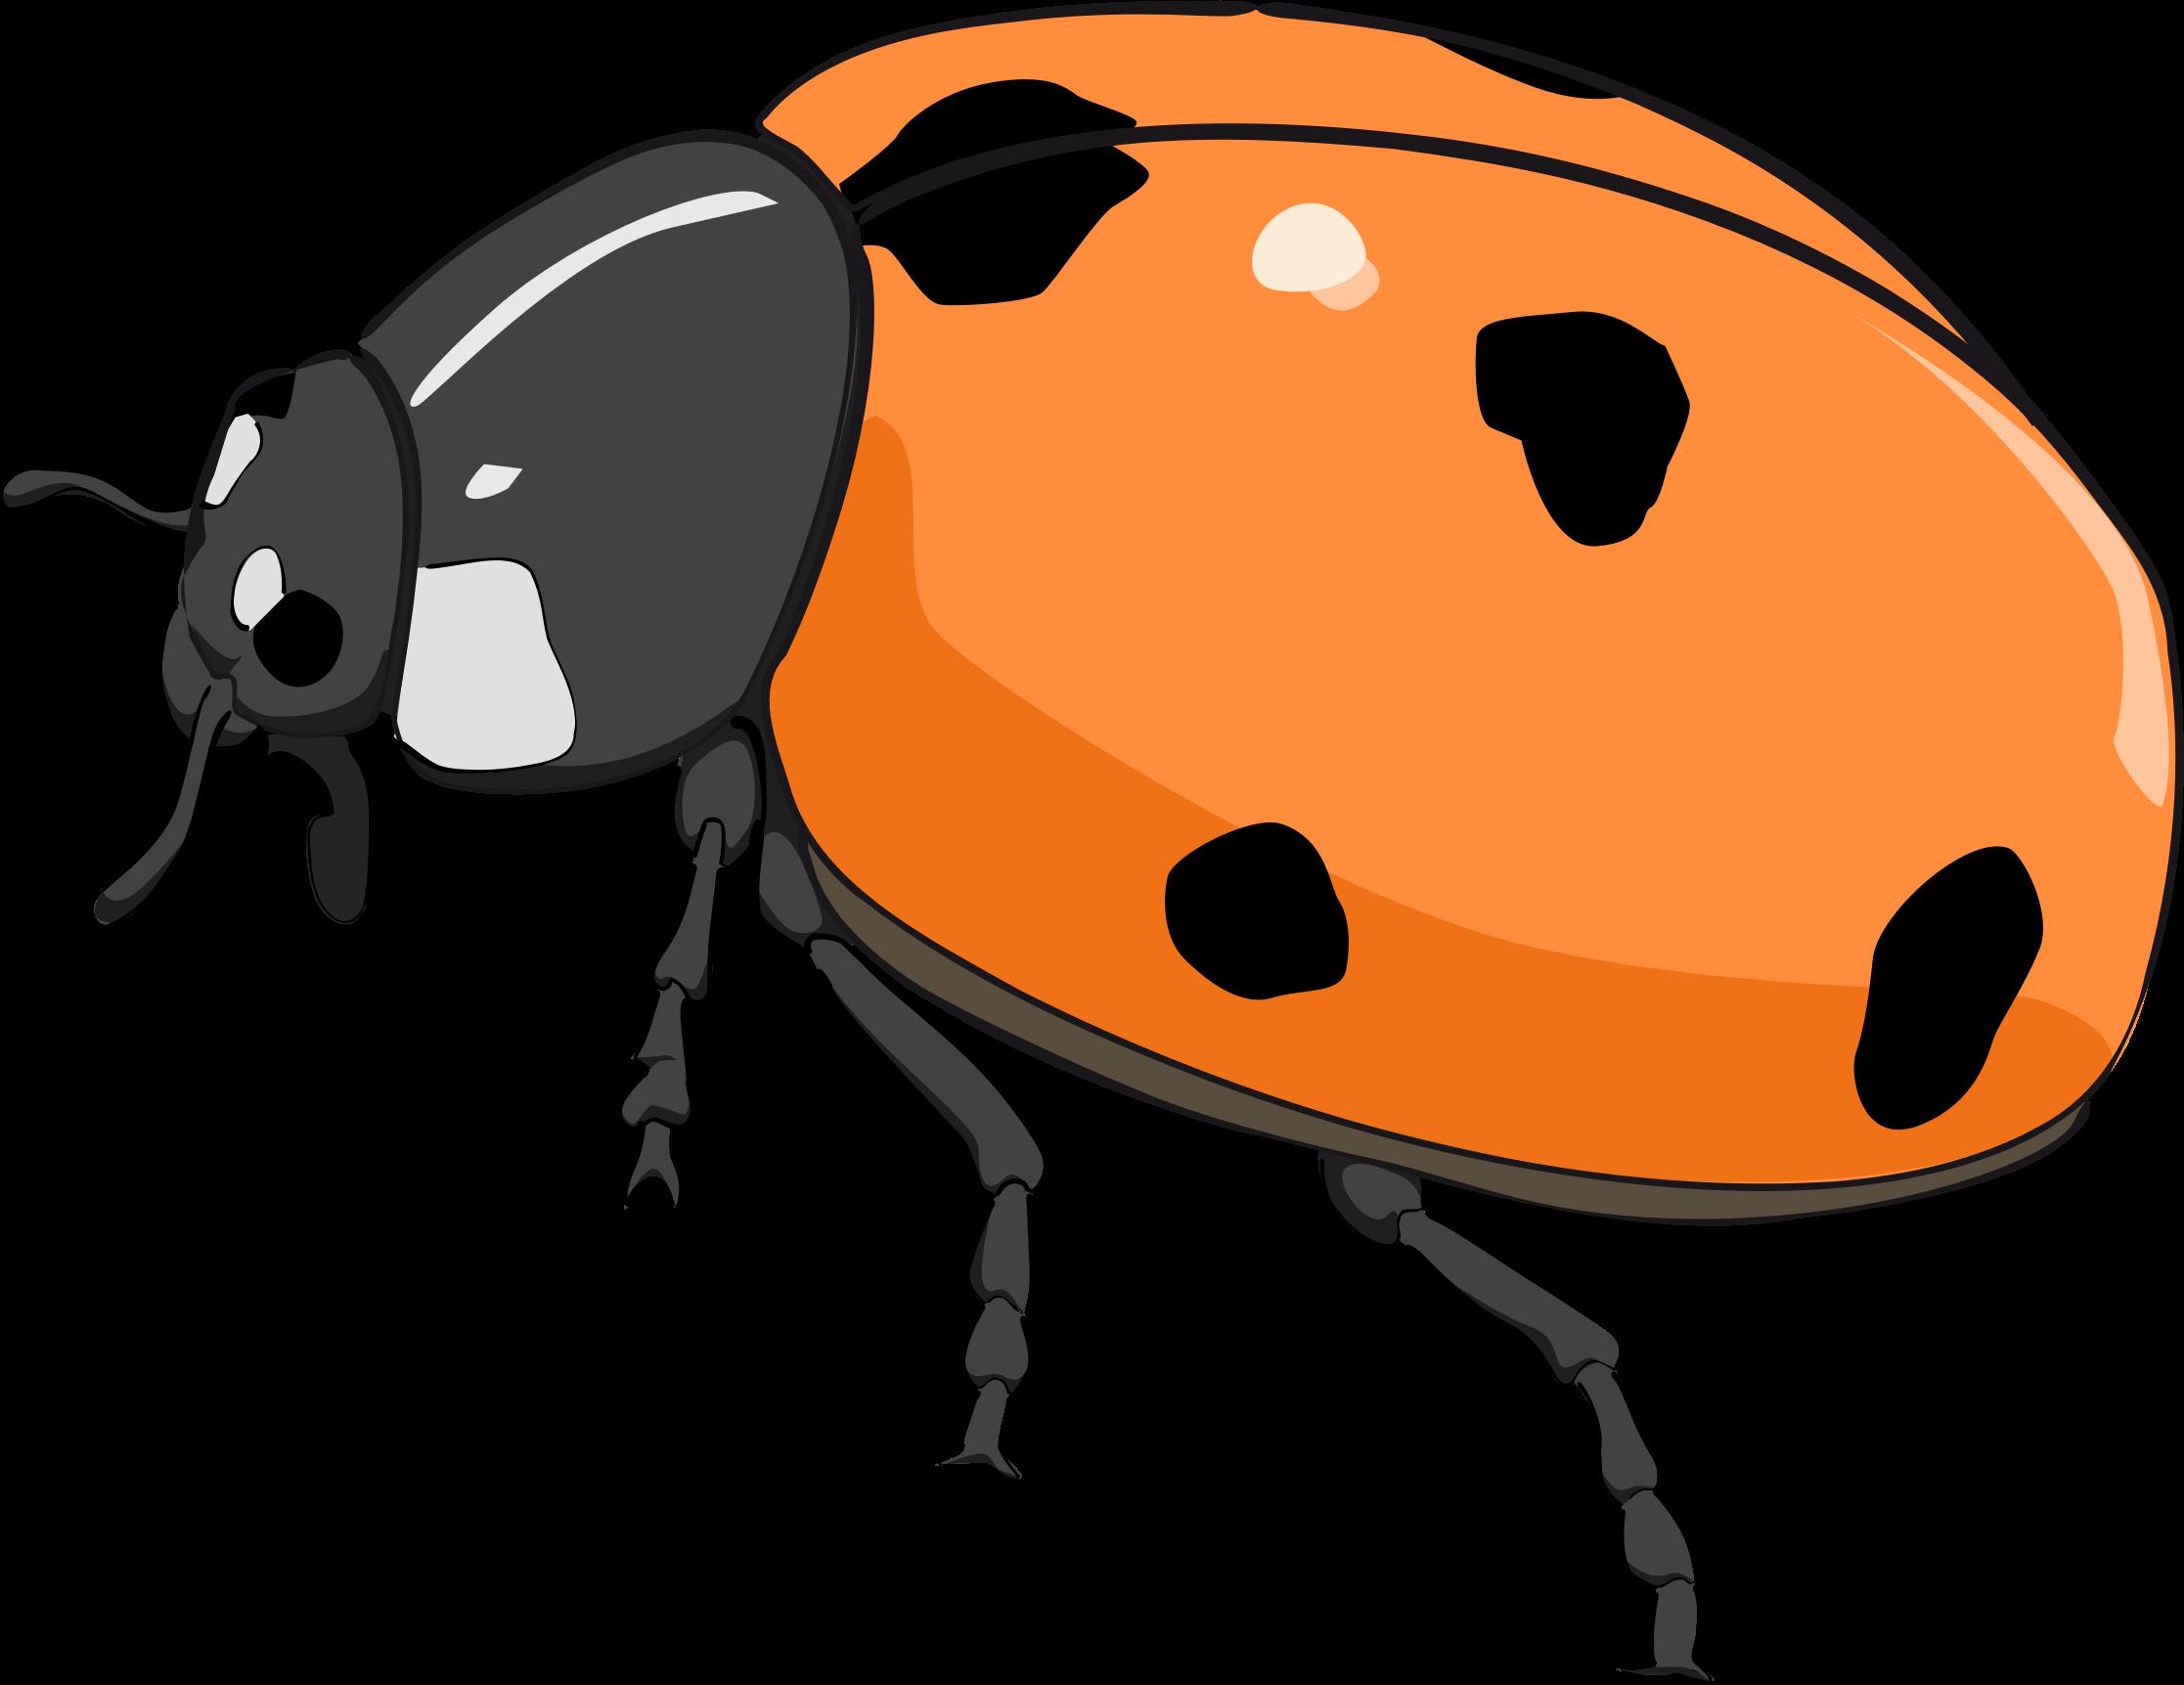 Coccinelle ladybug big image. Ladybugs clipart five